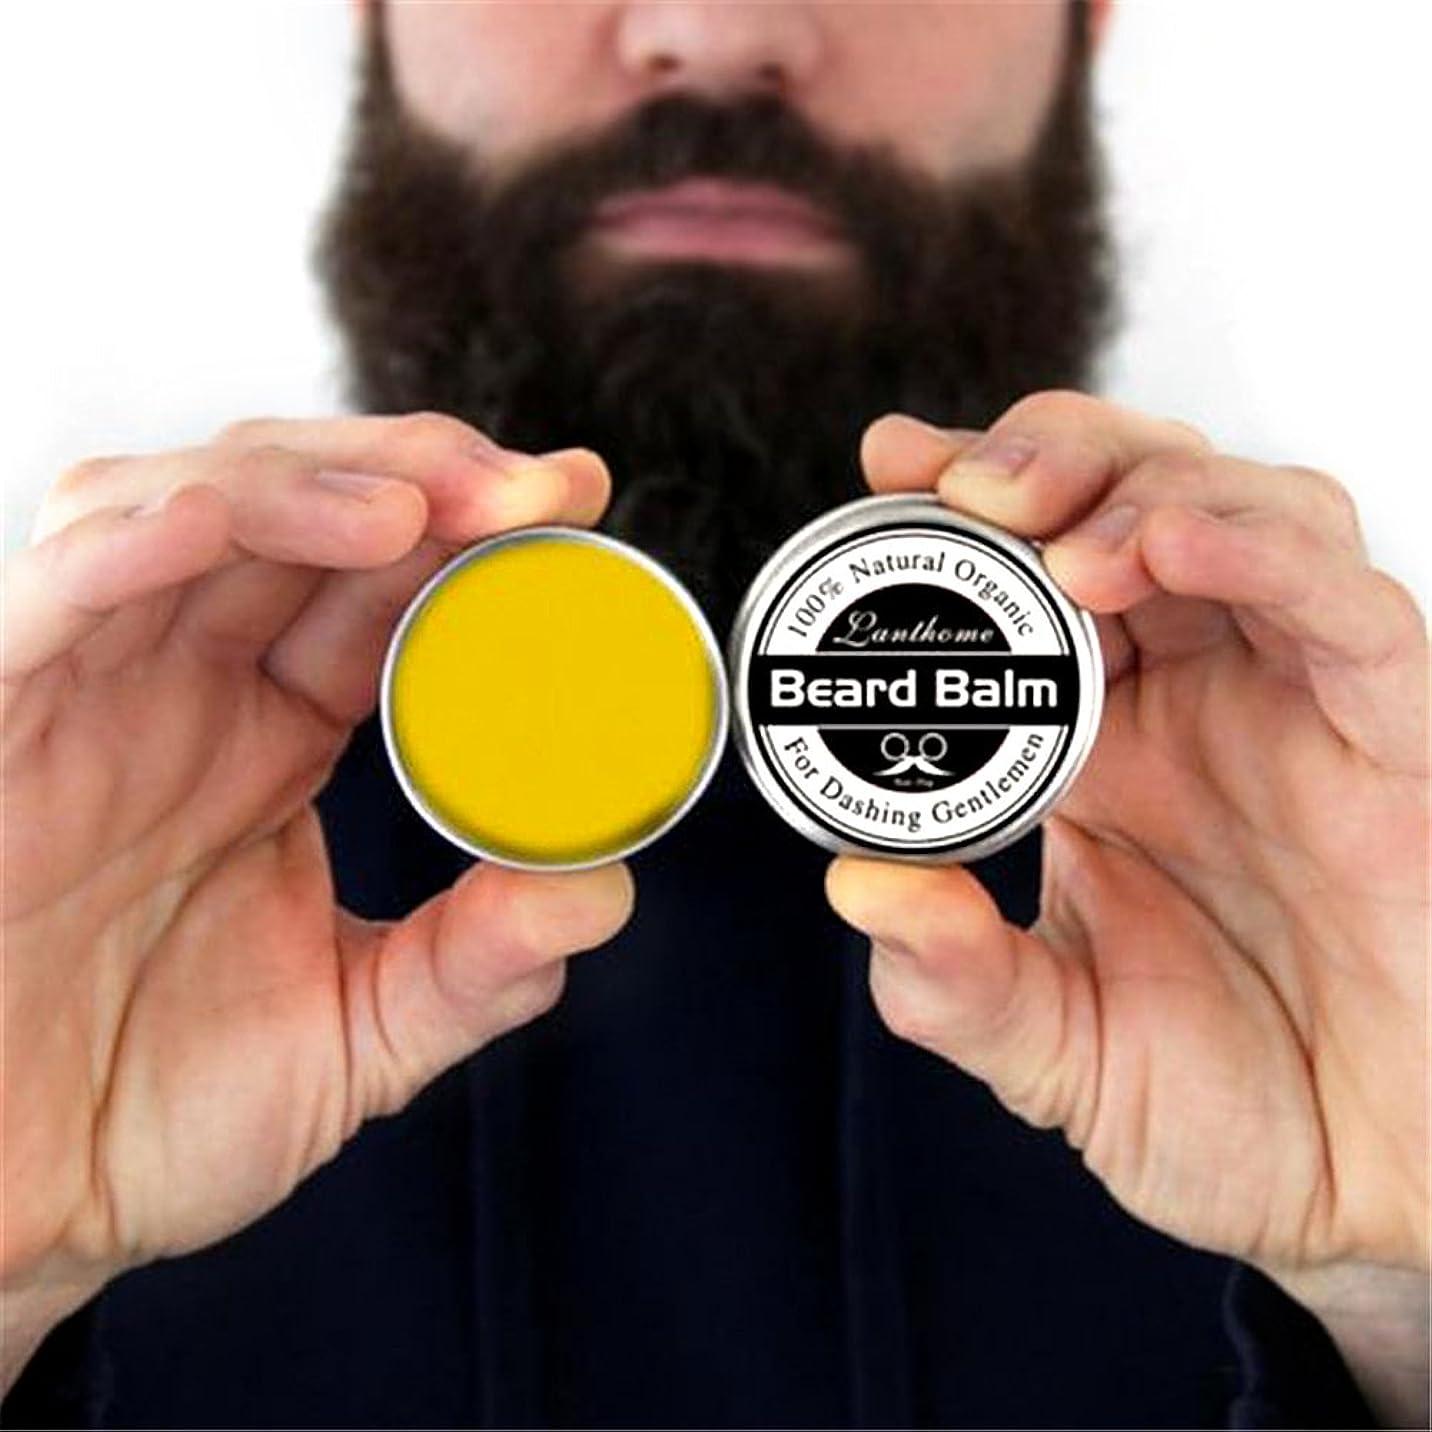 洋服形状見捨てるRuier-tong ビアードバーム メンズひげワックス 口髭用ワックス ひげクリーム 保湿/滋養/ひげ根のケアなどの効果  ひげケア必需品 携帯便利